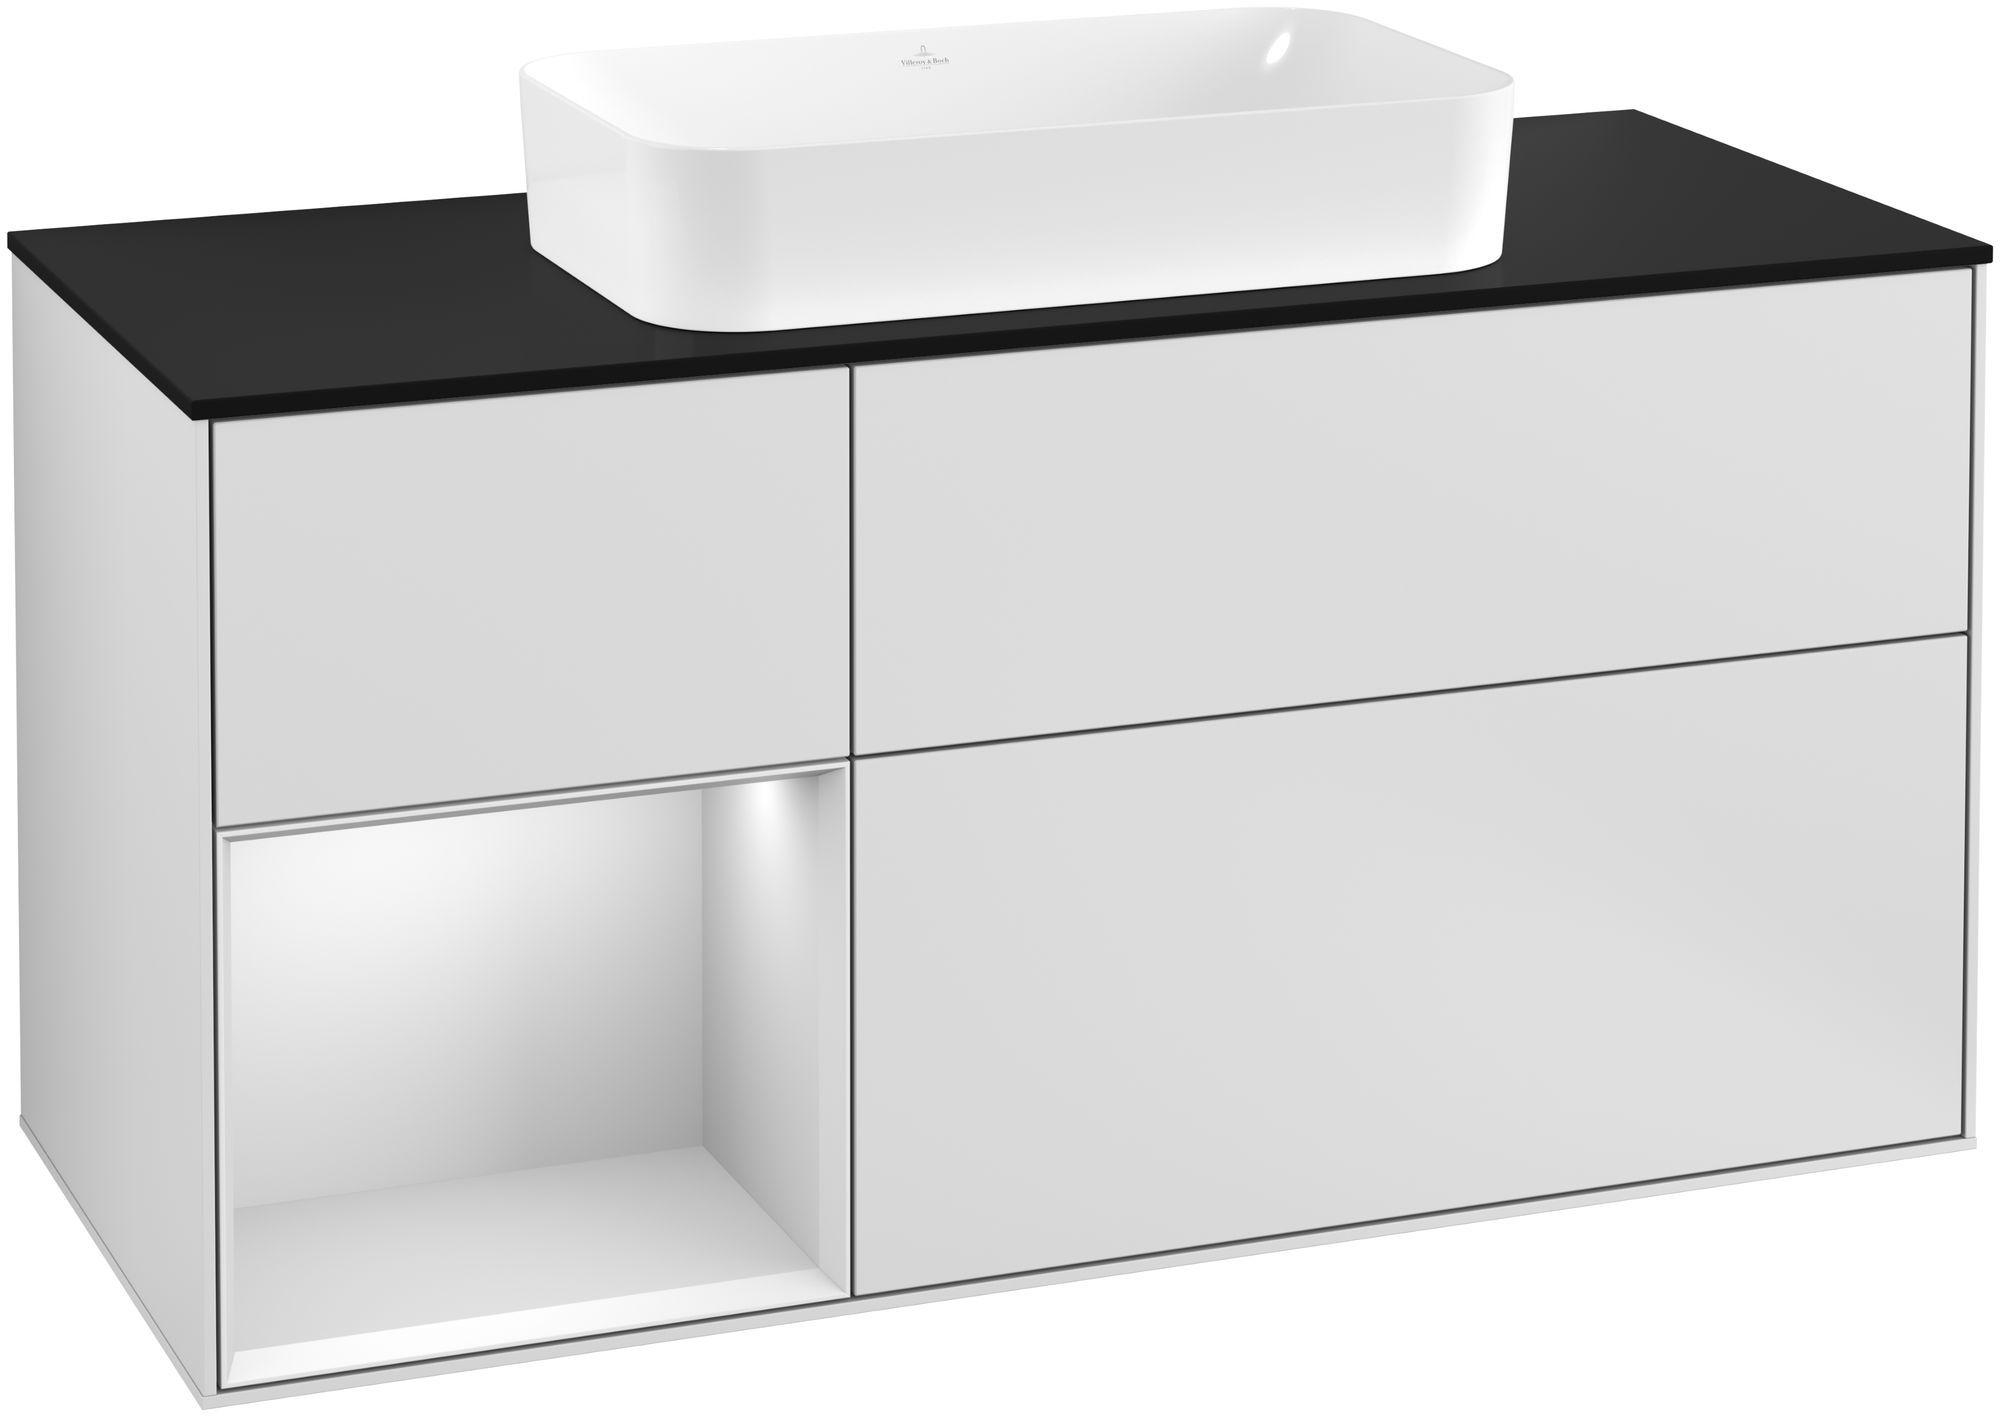 Villeroy & Boch Finion G29 Waschtischunterschrank mit Regalelement 3 Auszüge Waschtisch mittig LED-Beleuchtung B:120xH:60,3xT:50,1cm Front, Korpus: Weiß Matt Soft Grey, Glasplatte: Black Matt G292MTMT